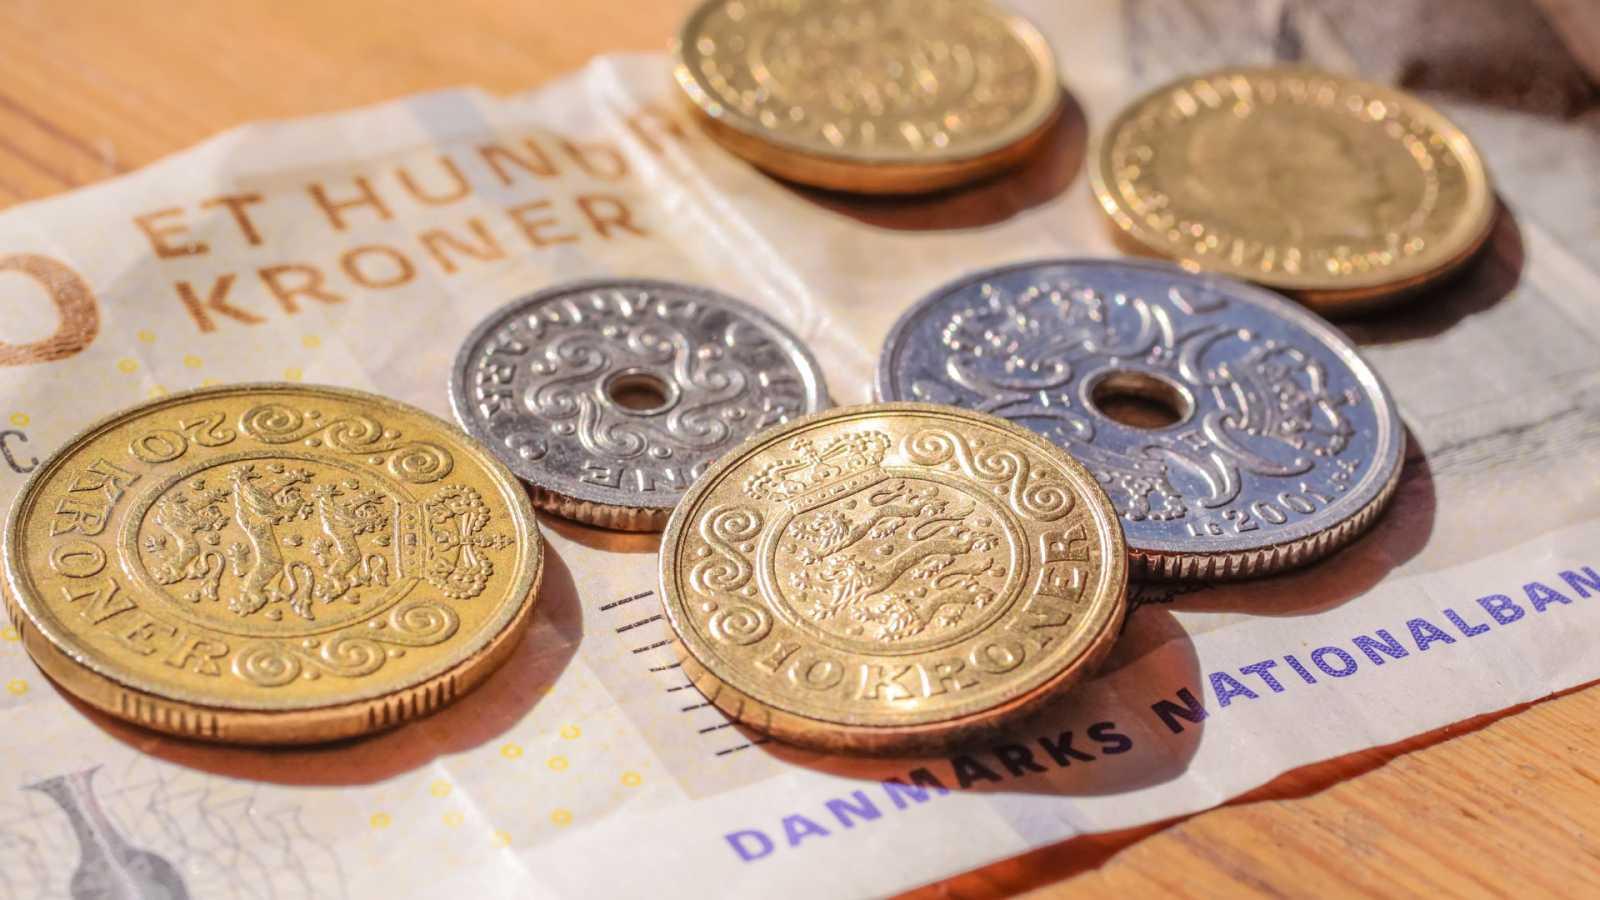 Cinco pistas - ¡Guarda tu sucio dinero! - 03/02/21 - escuchar ahora